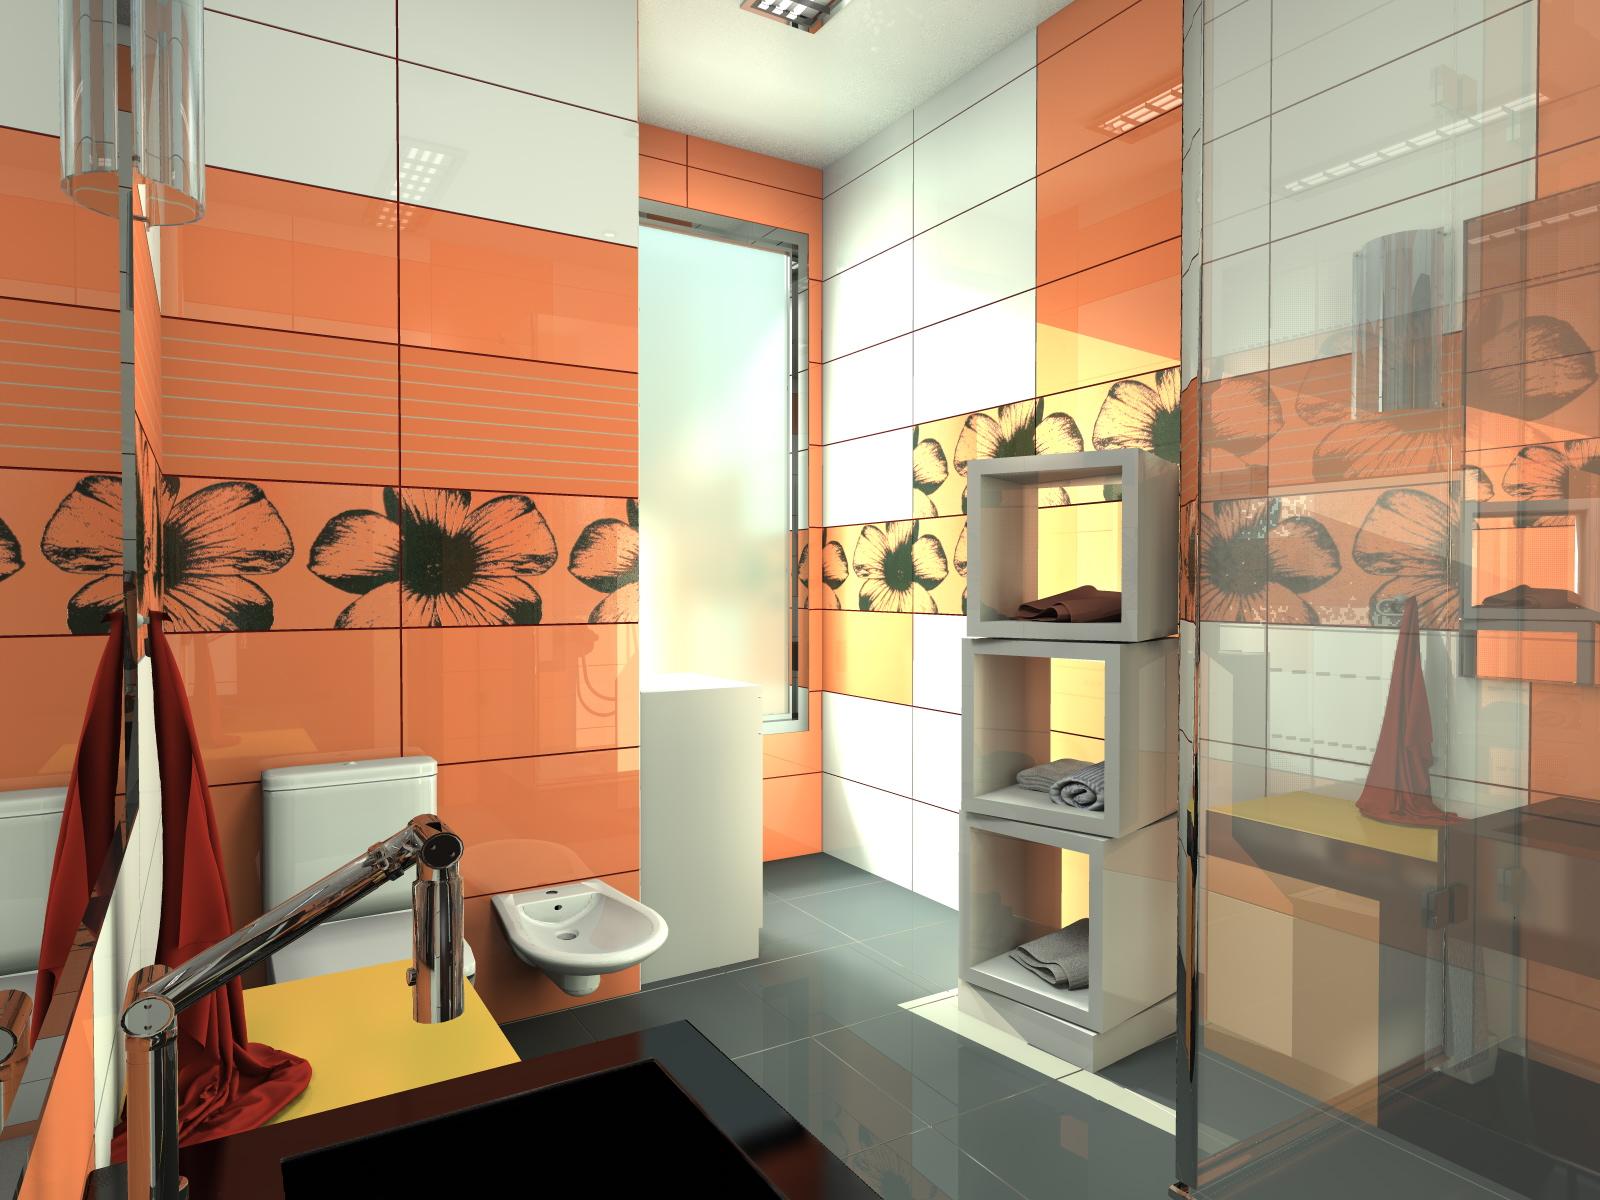 Эффектная оранжевая плитка в ванной